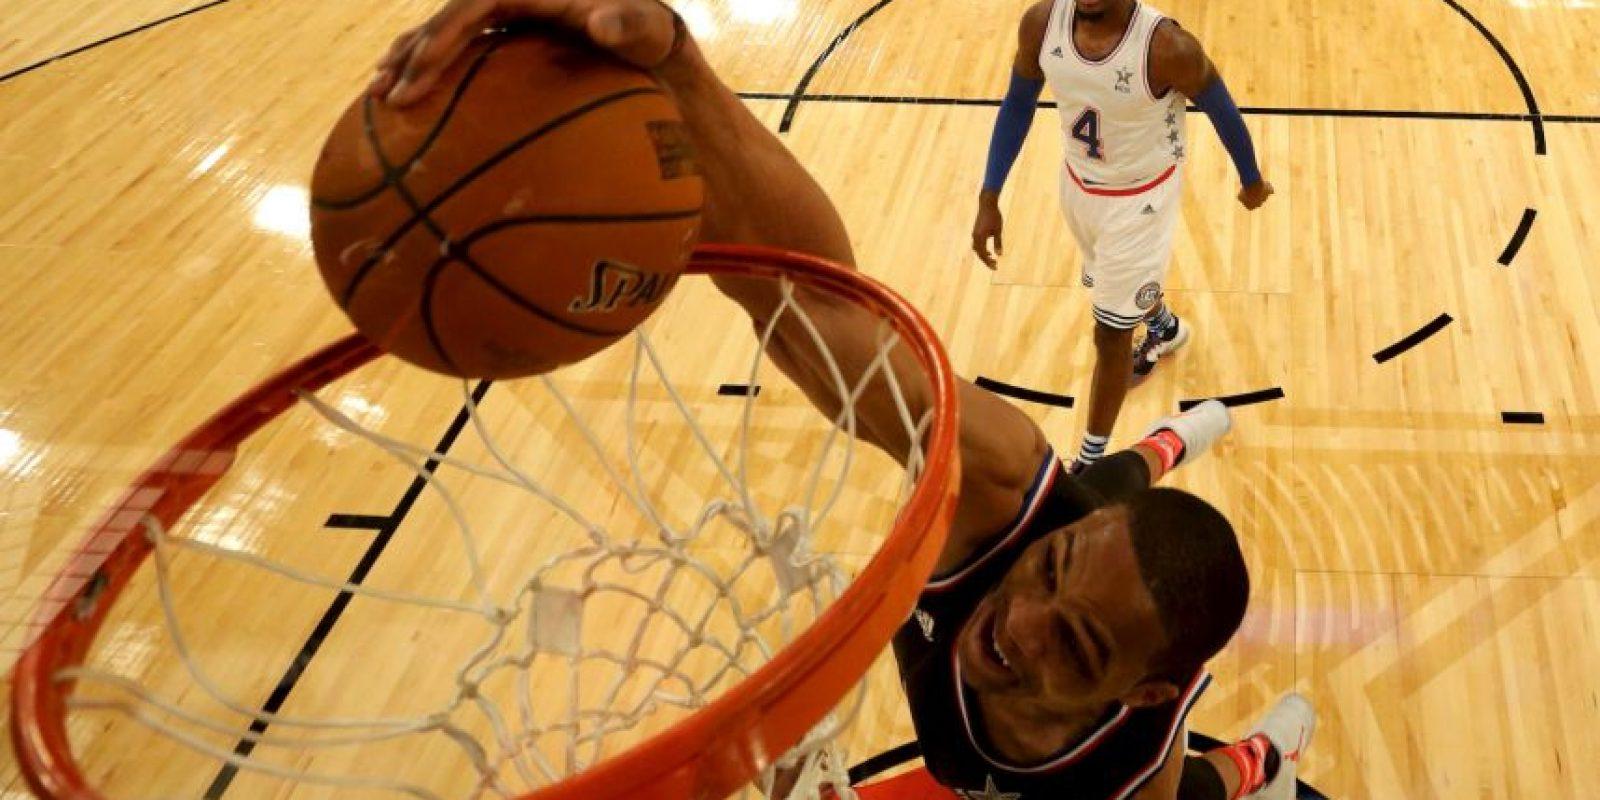 Russell Westbrook entrando con todo a la canasta Foto:Getty Images